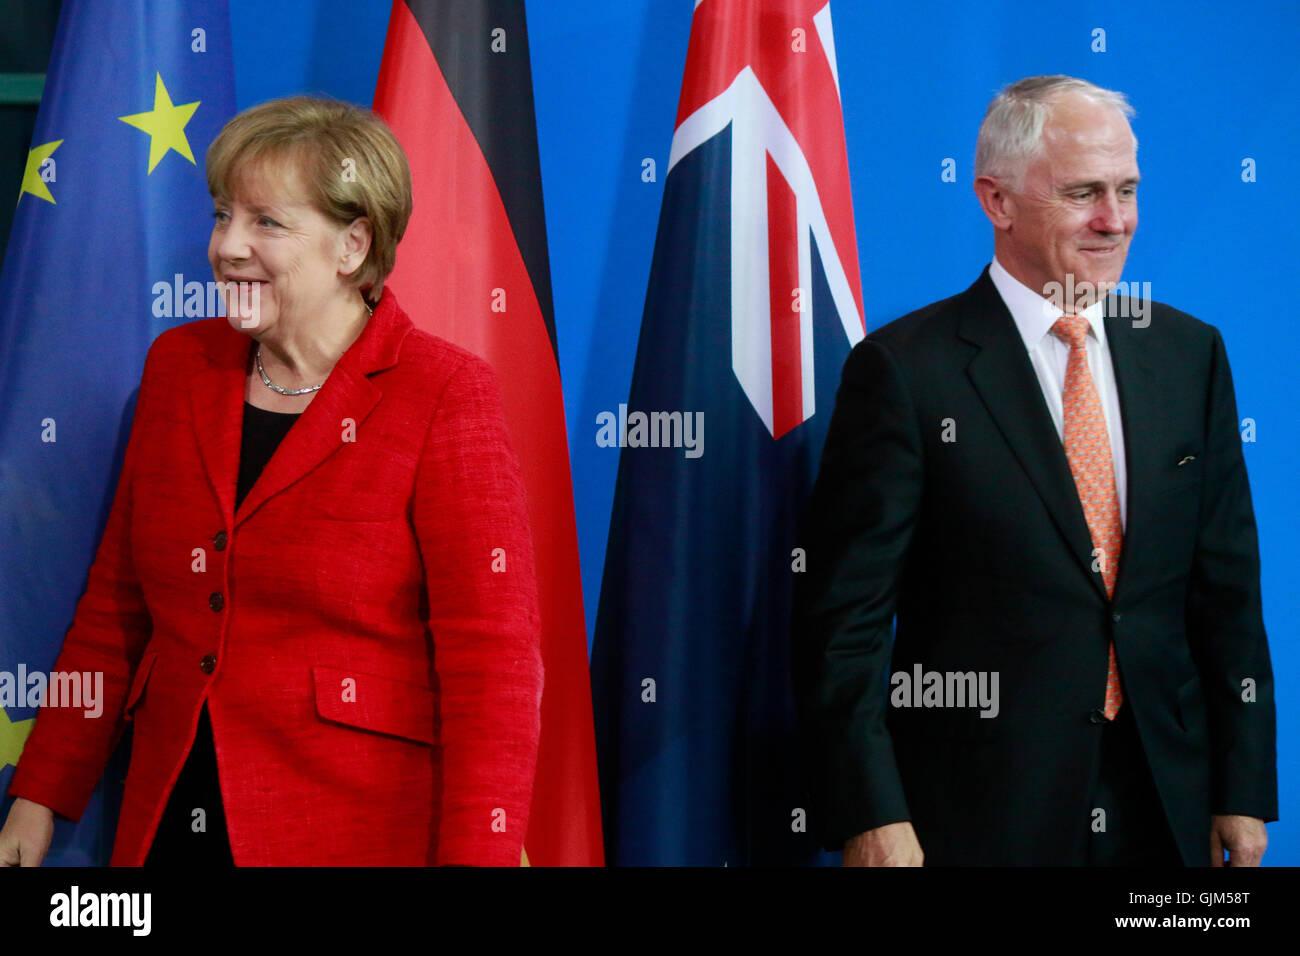 BKin Angela Merkel, Malcolm Turnbull - Treffen der dt. Bundeskanzlerin mit dem australischen Ministerpraesidenten, - Stock Image